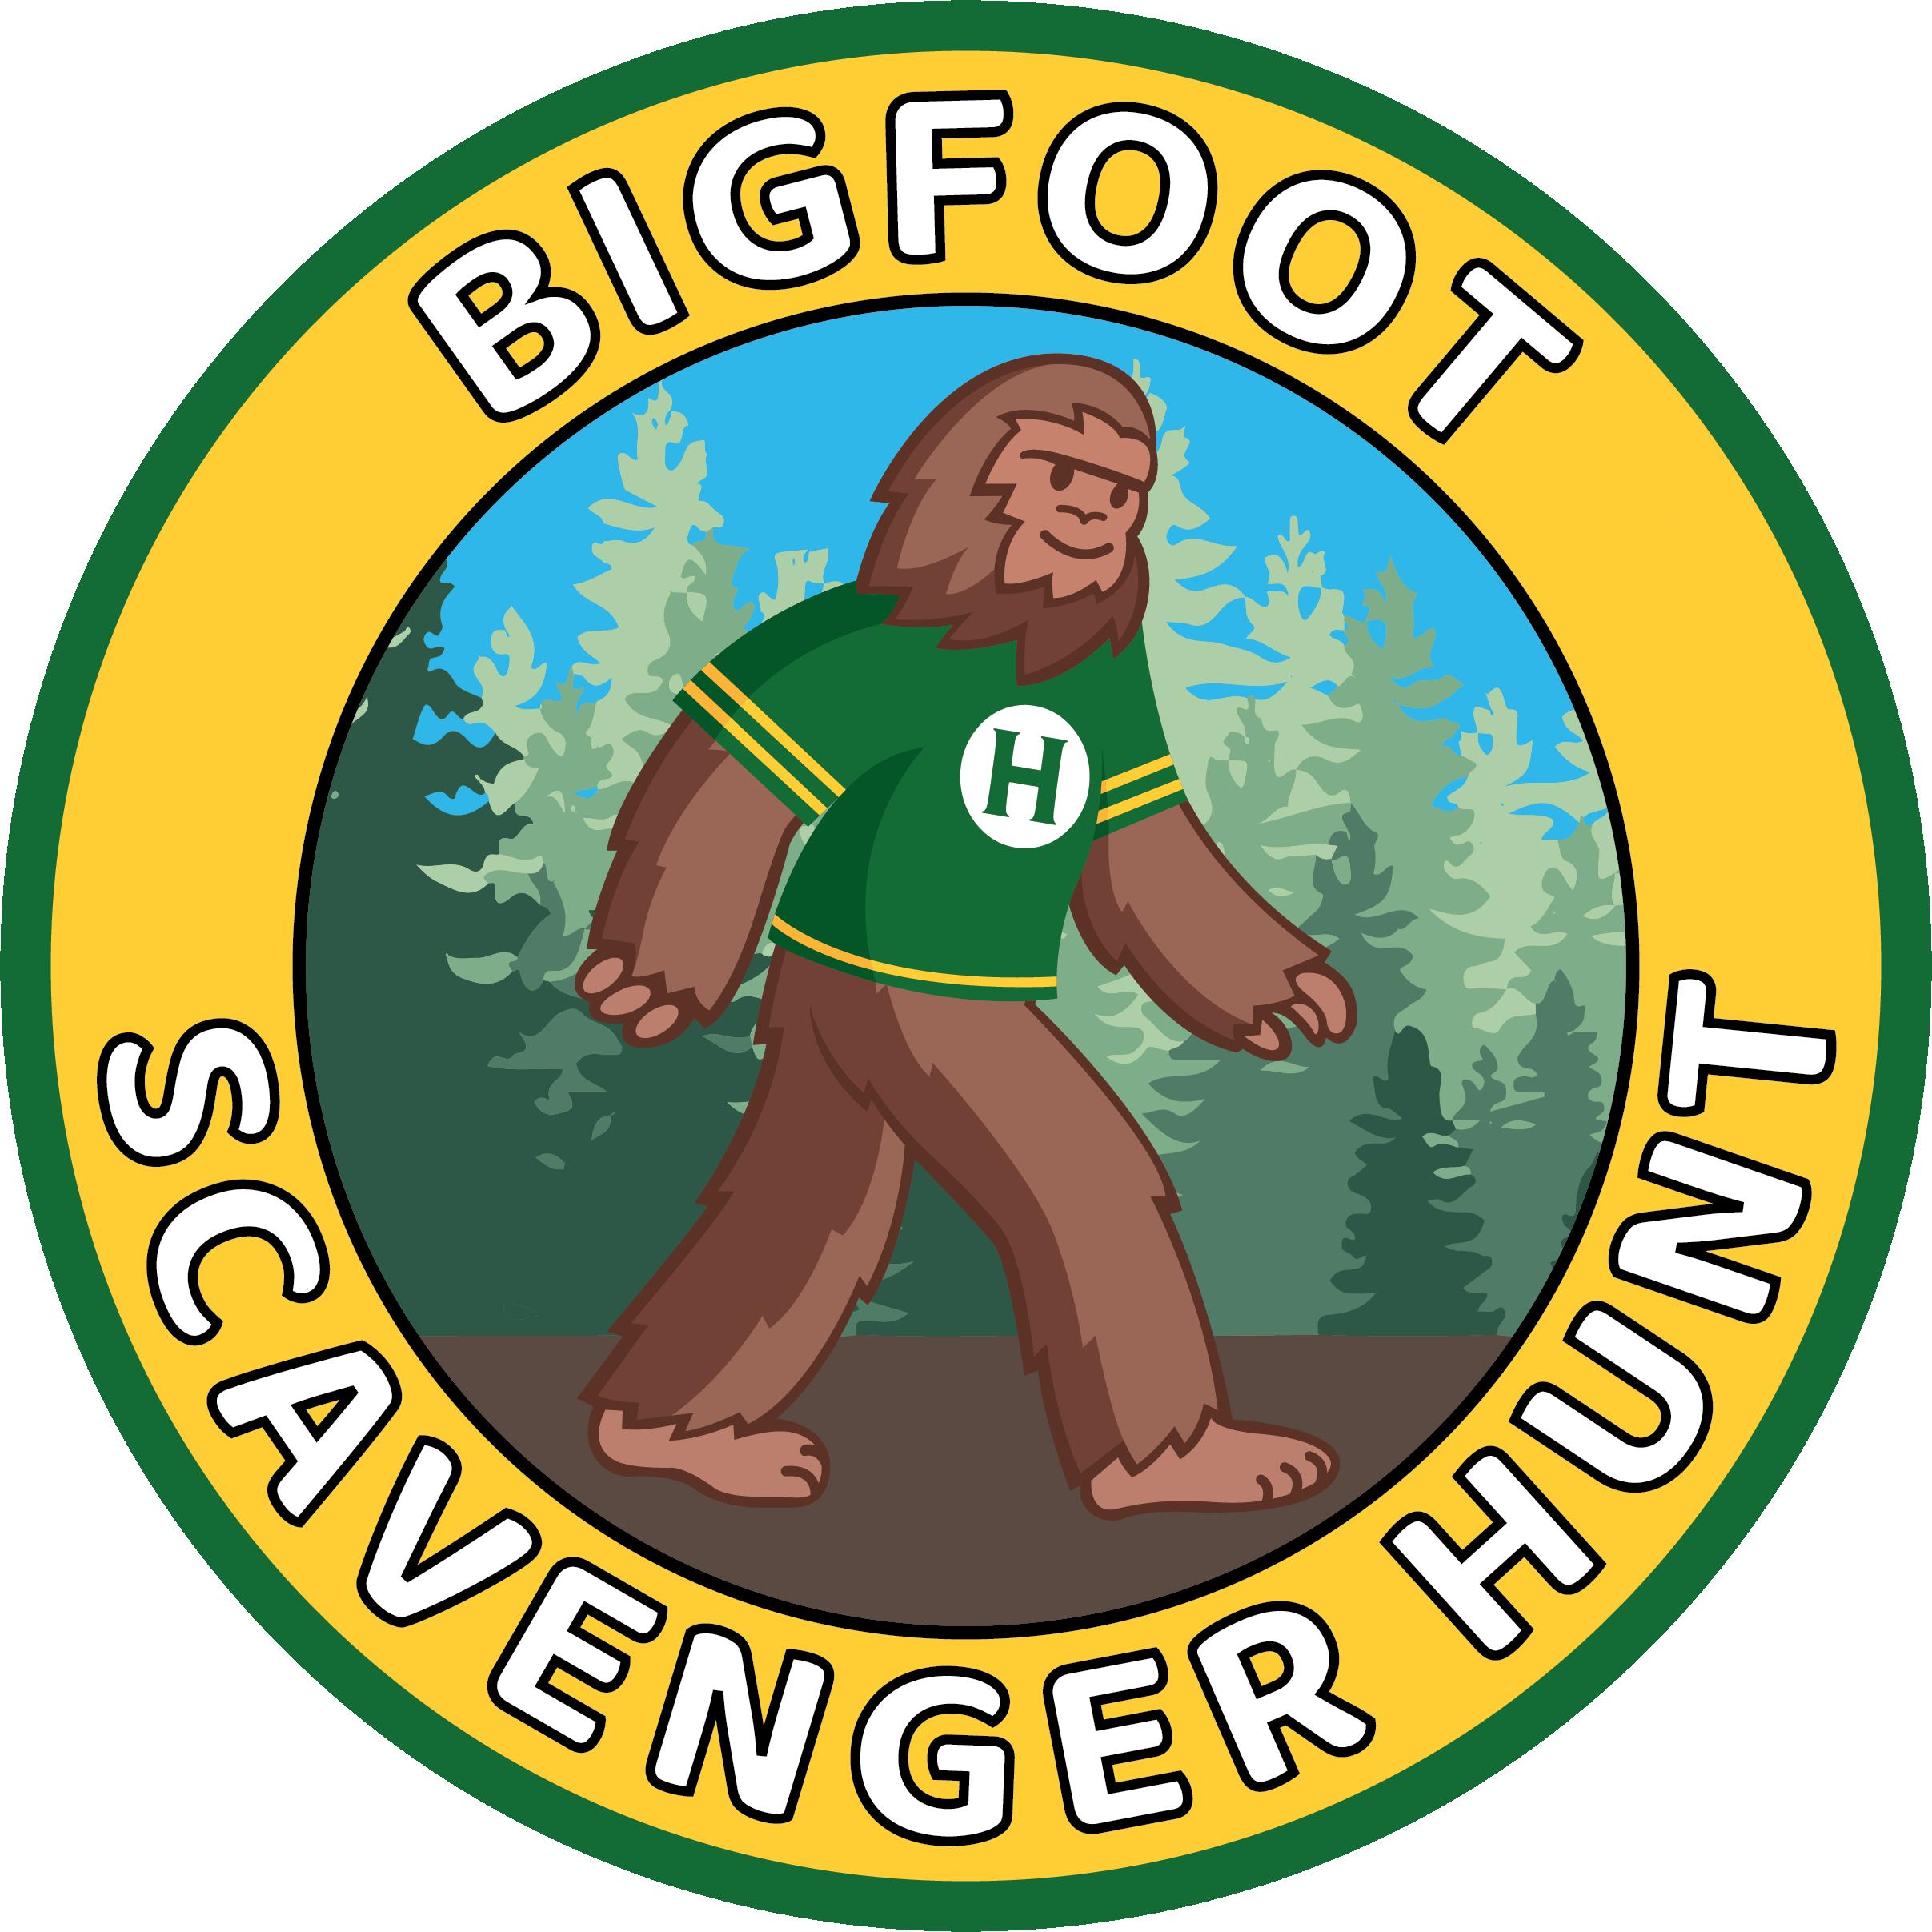 Bigfoot Scavenger Hunt. [Image of Bigfoot]: Click to link to Scavenger Hunt Form